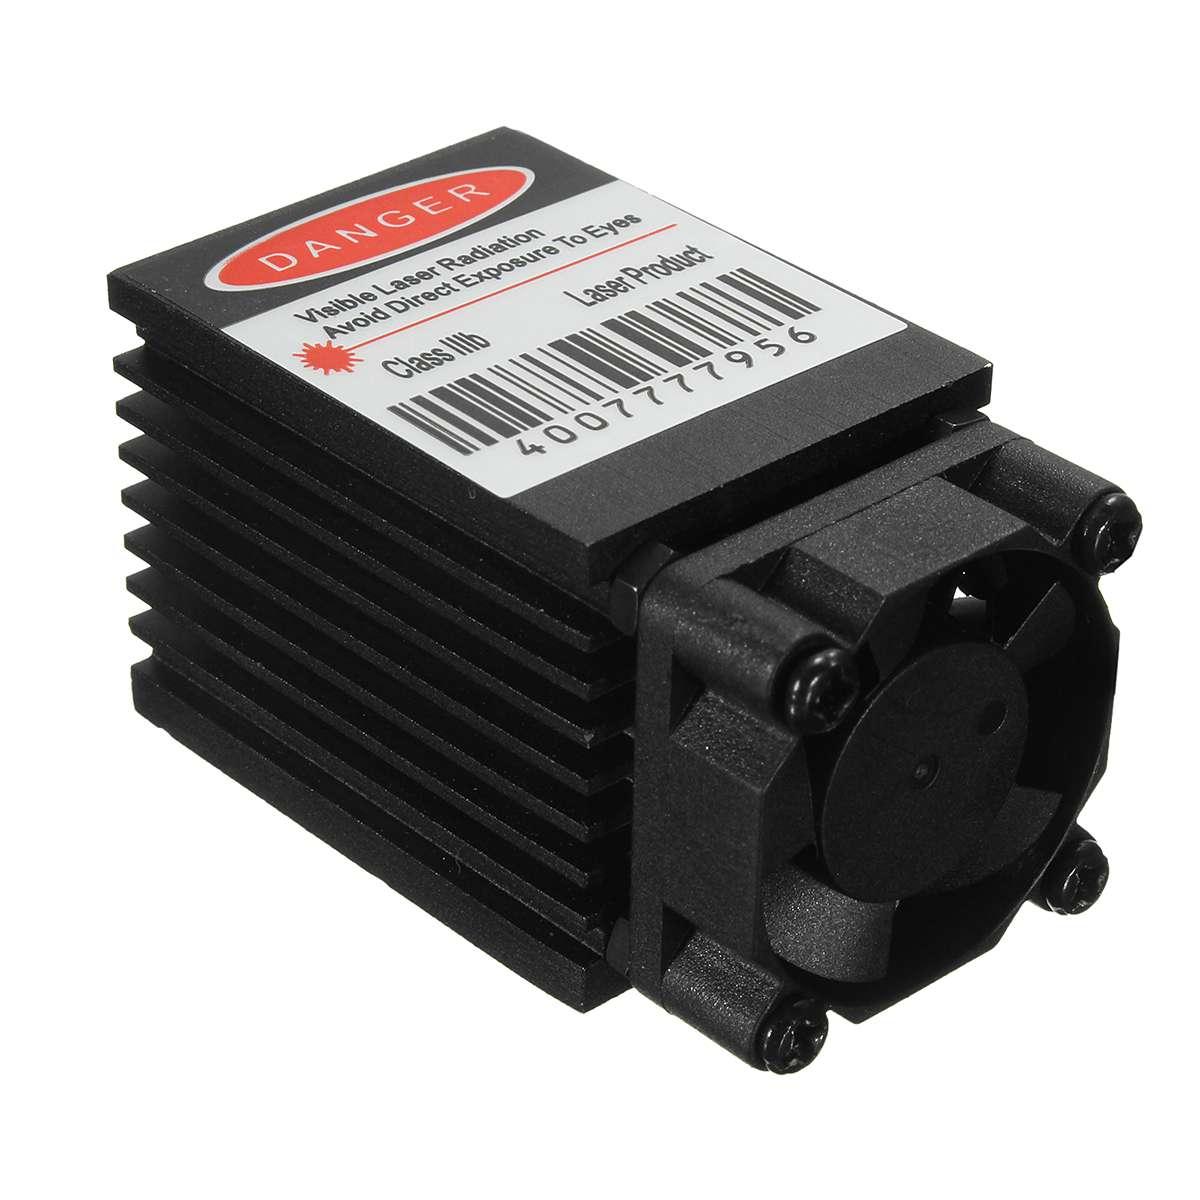 Fokussierbar 500mw 808nm Infrarot IR Laser Diode Dot Modul 12V + TTL + Fan Kühlung Laser Modul Für CNC Gravur Maschine